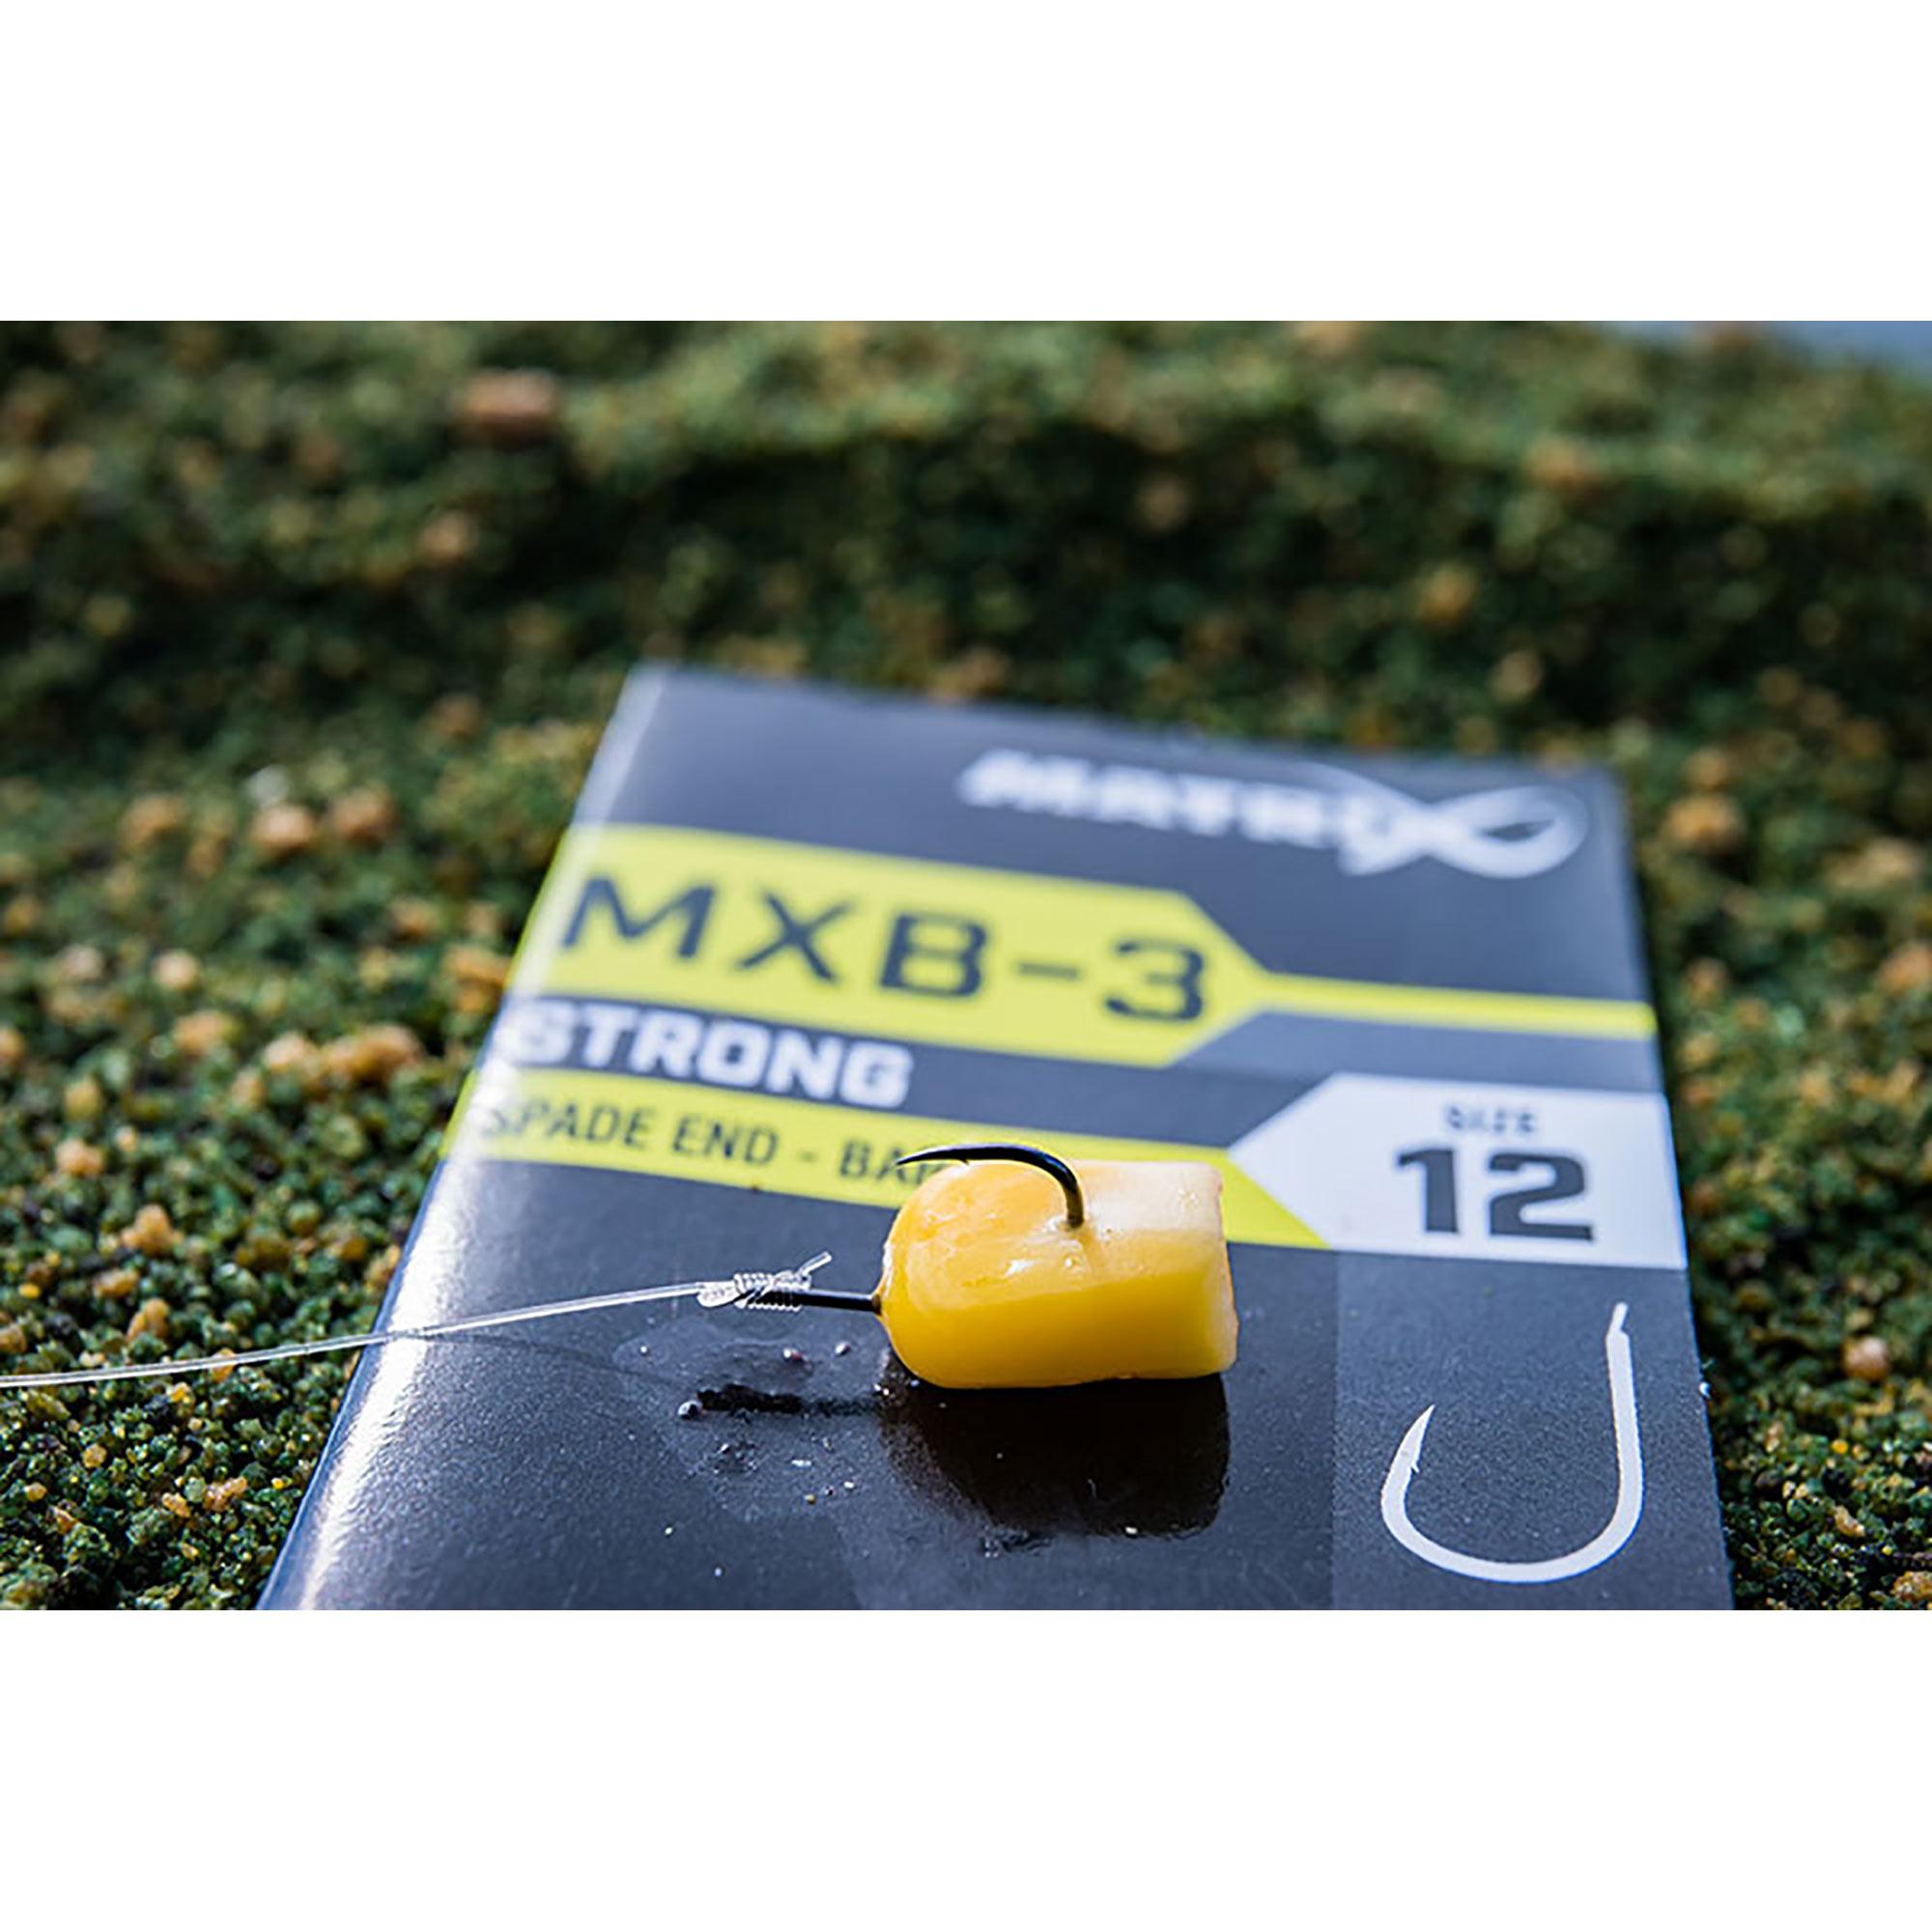 Ami MXB-3 Barbed Spade MATRIX